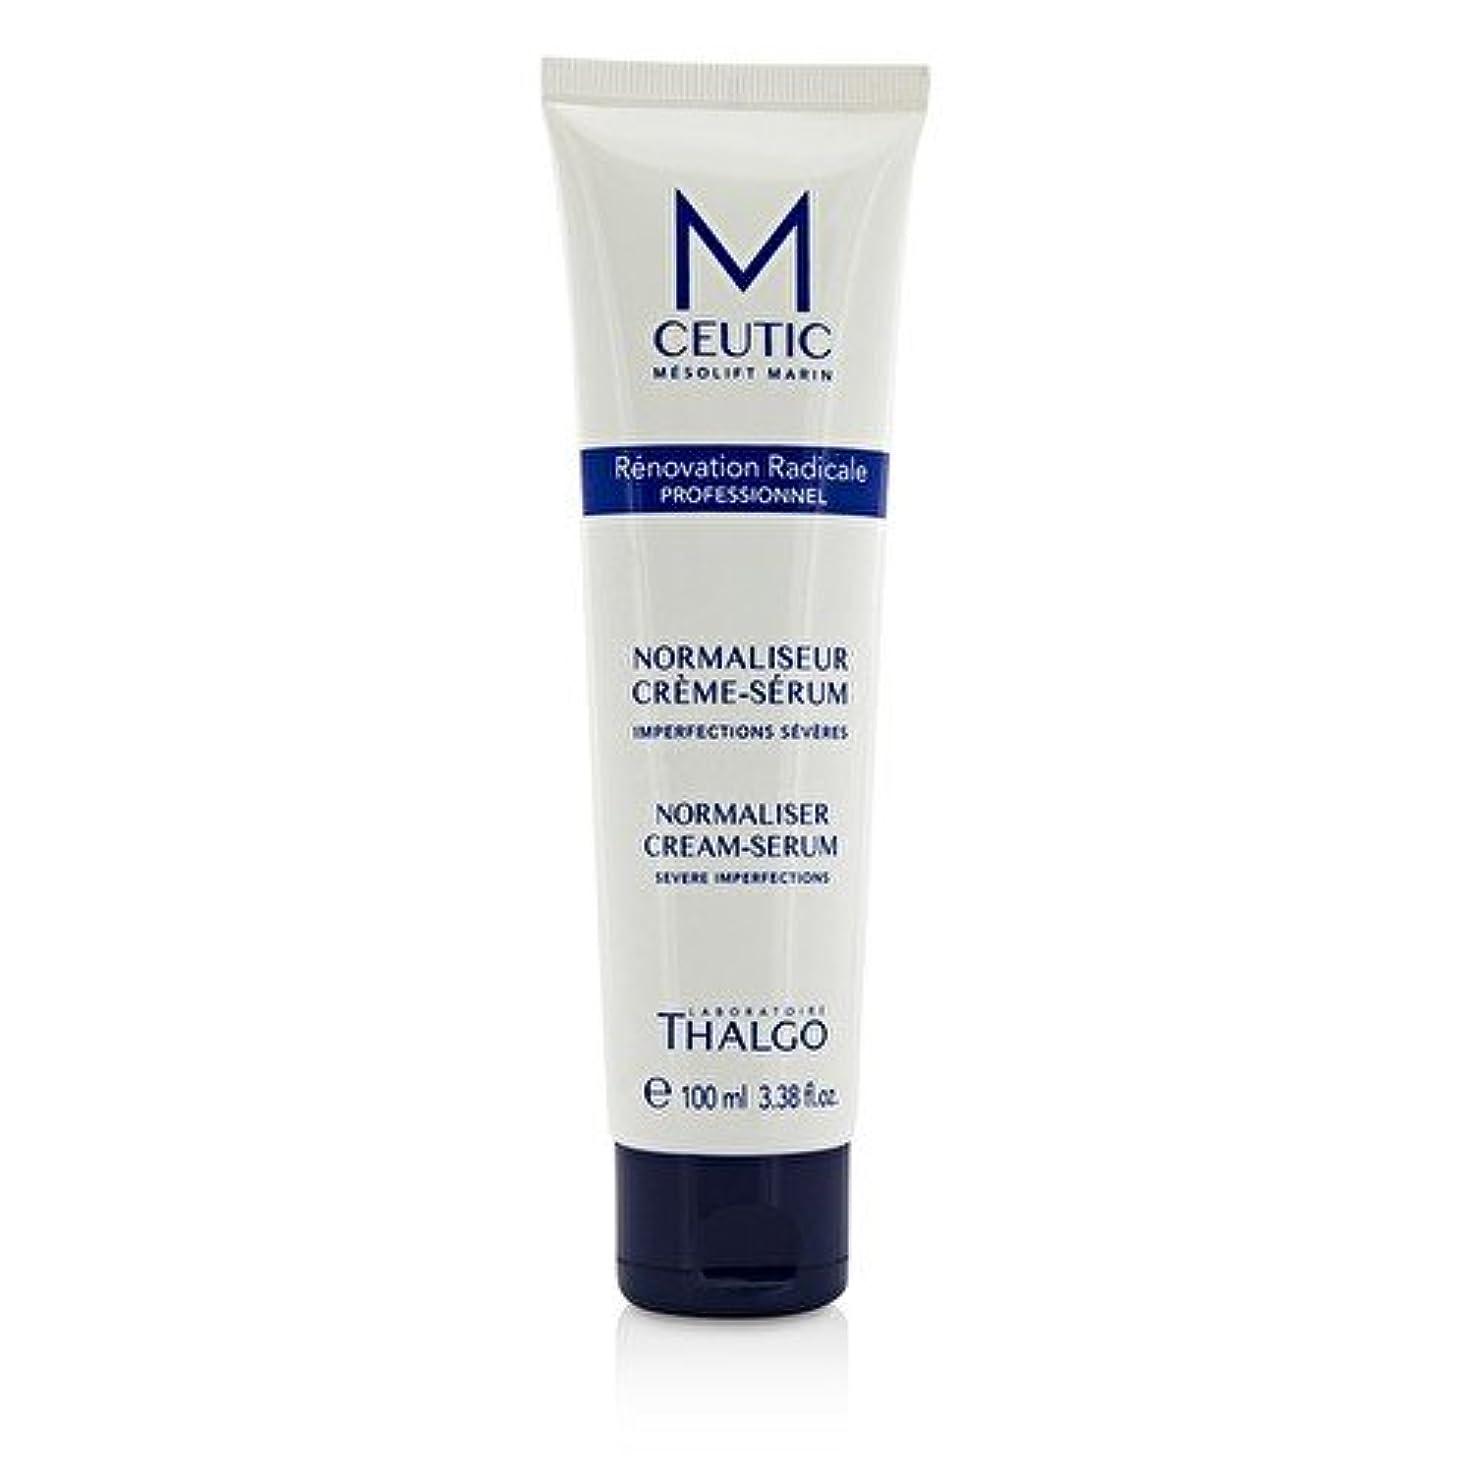 誇りに思うルアーレイプタルゴ MCEUTIC Normalizer Cream-Serum - Salon Size 100ml/3.38oz並行輸入品